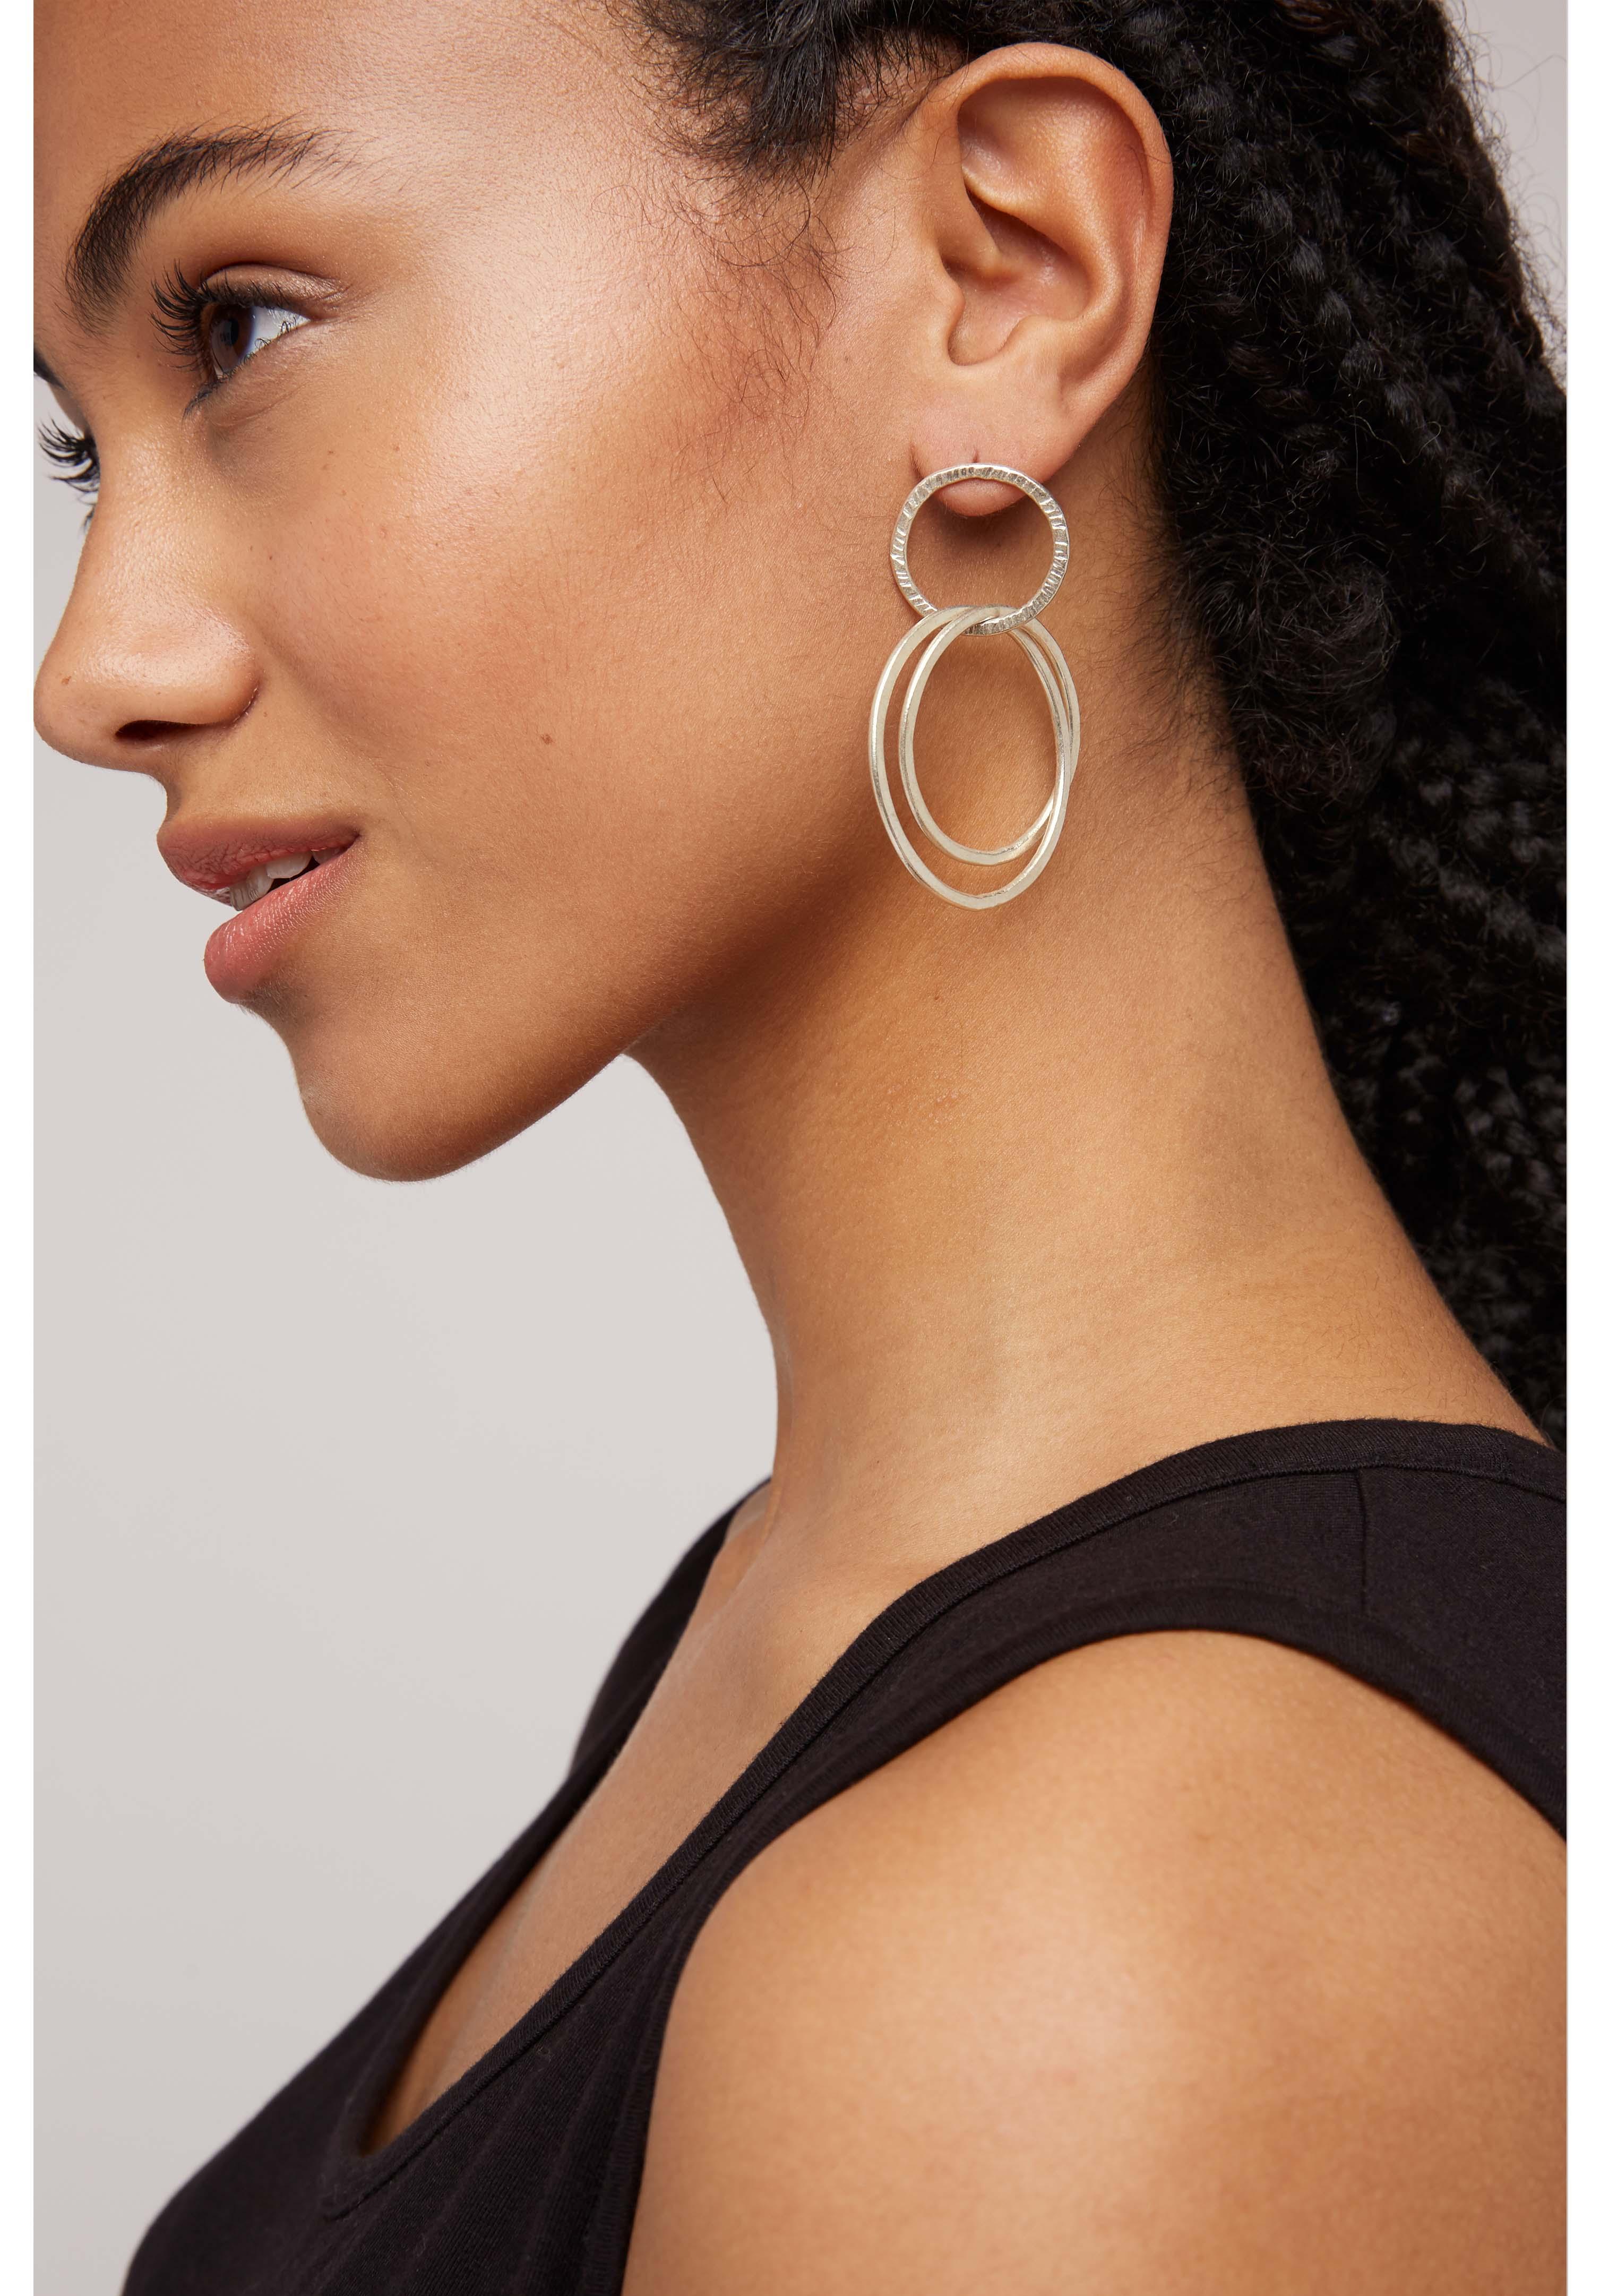 Linked Rings Earrings in Silver